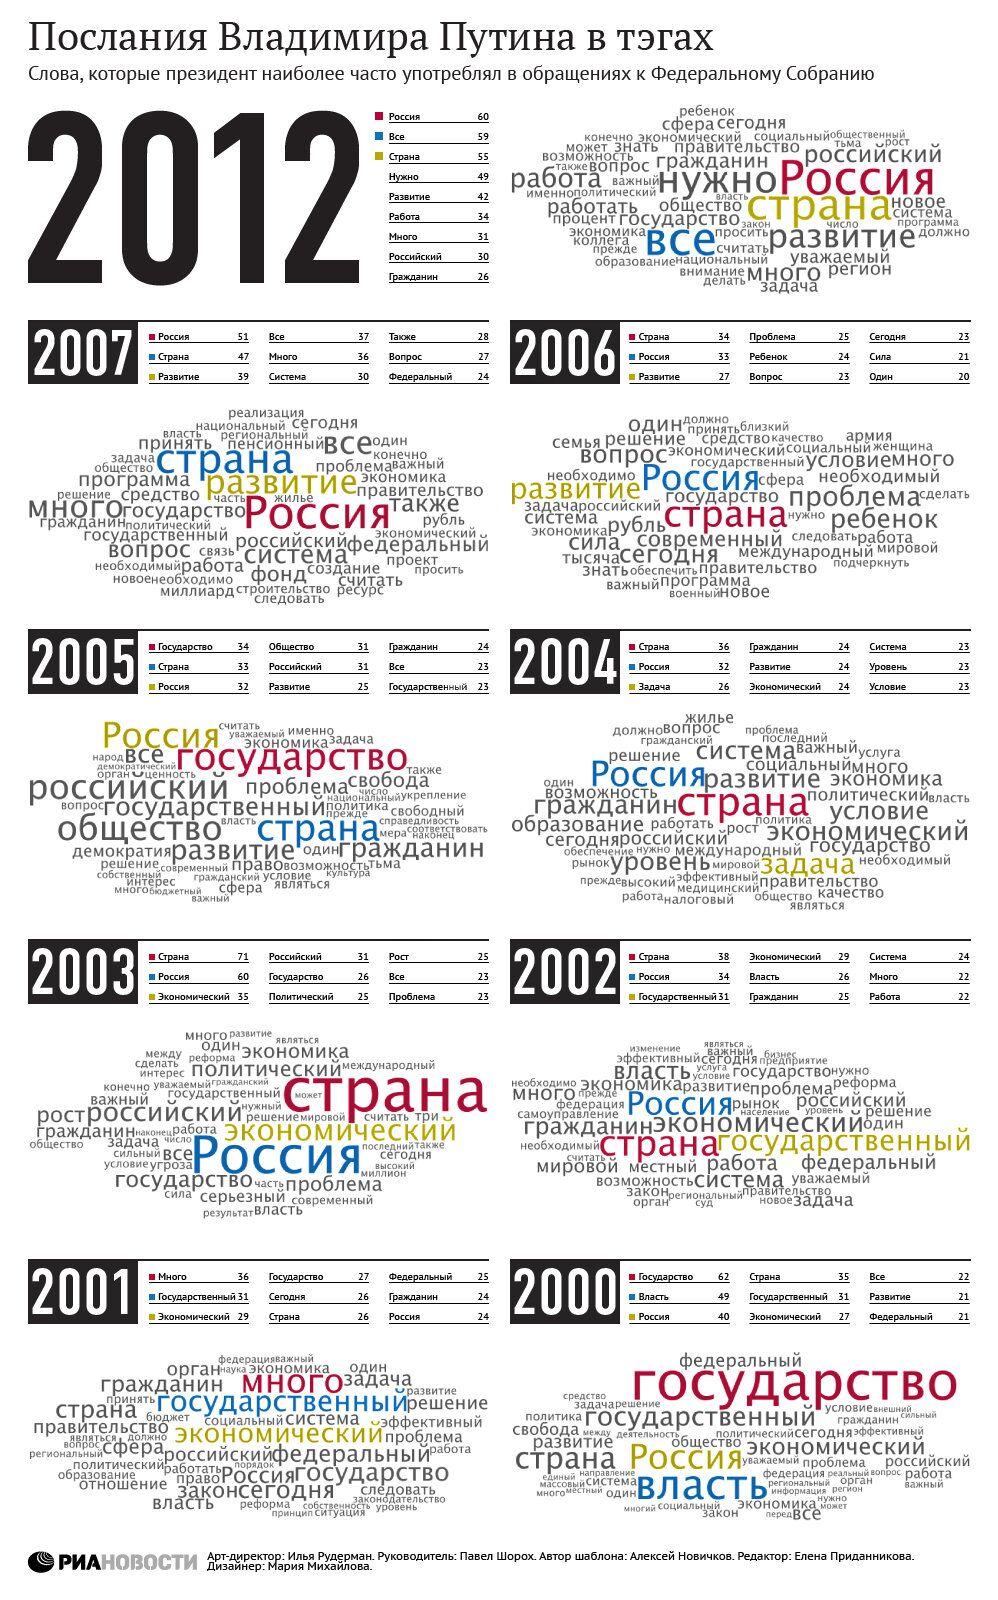 Послания Владимира Путина в тэгах